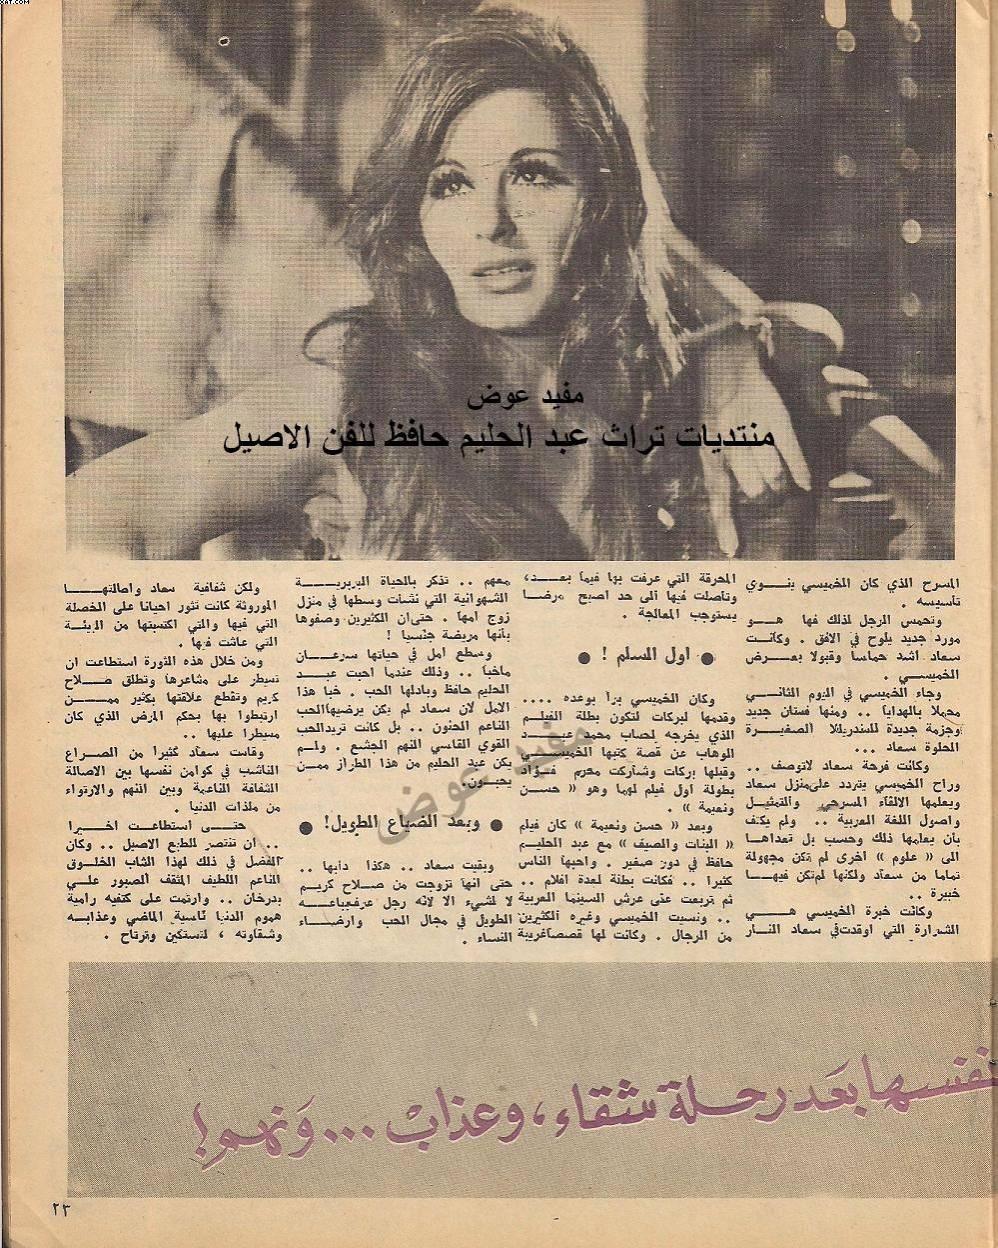 مقال - مقال صحفي : سعاد حسني السندريللا التي وجدت نفسها بعد رحلة شقاء , وعذاب ... ونهم ! 1972 م 282